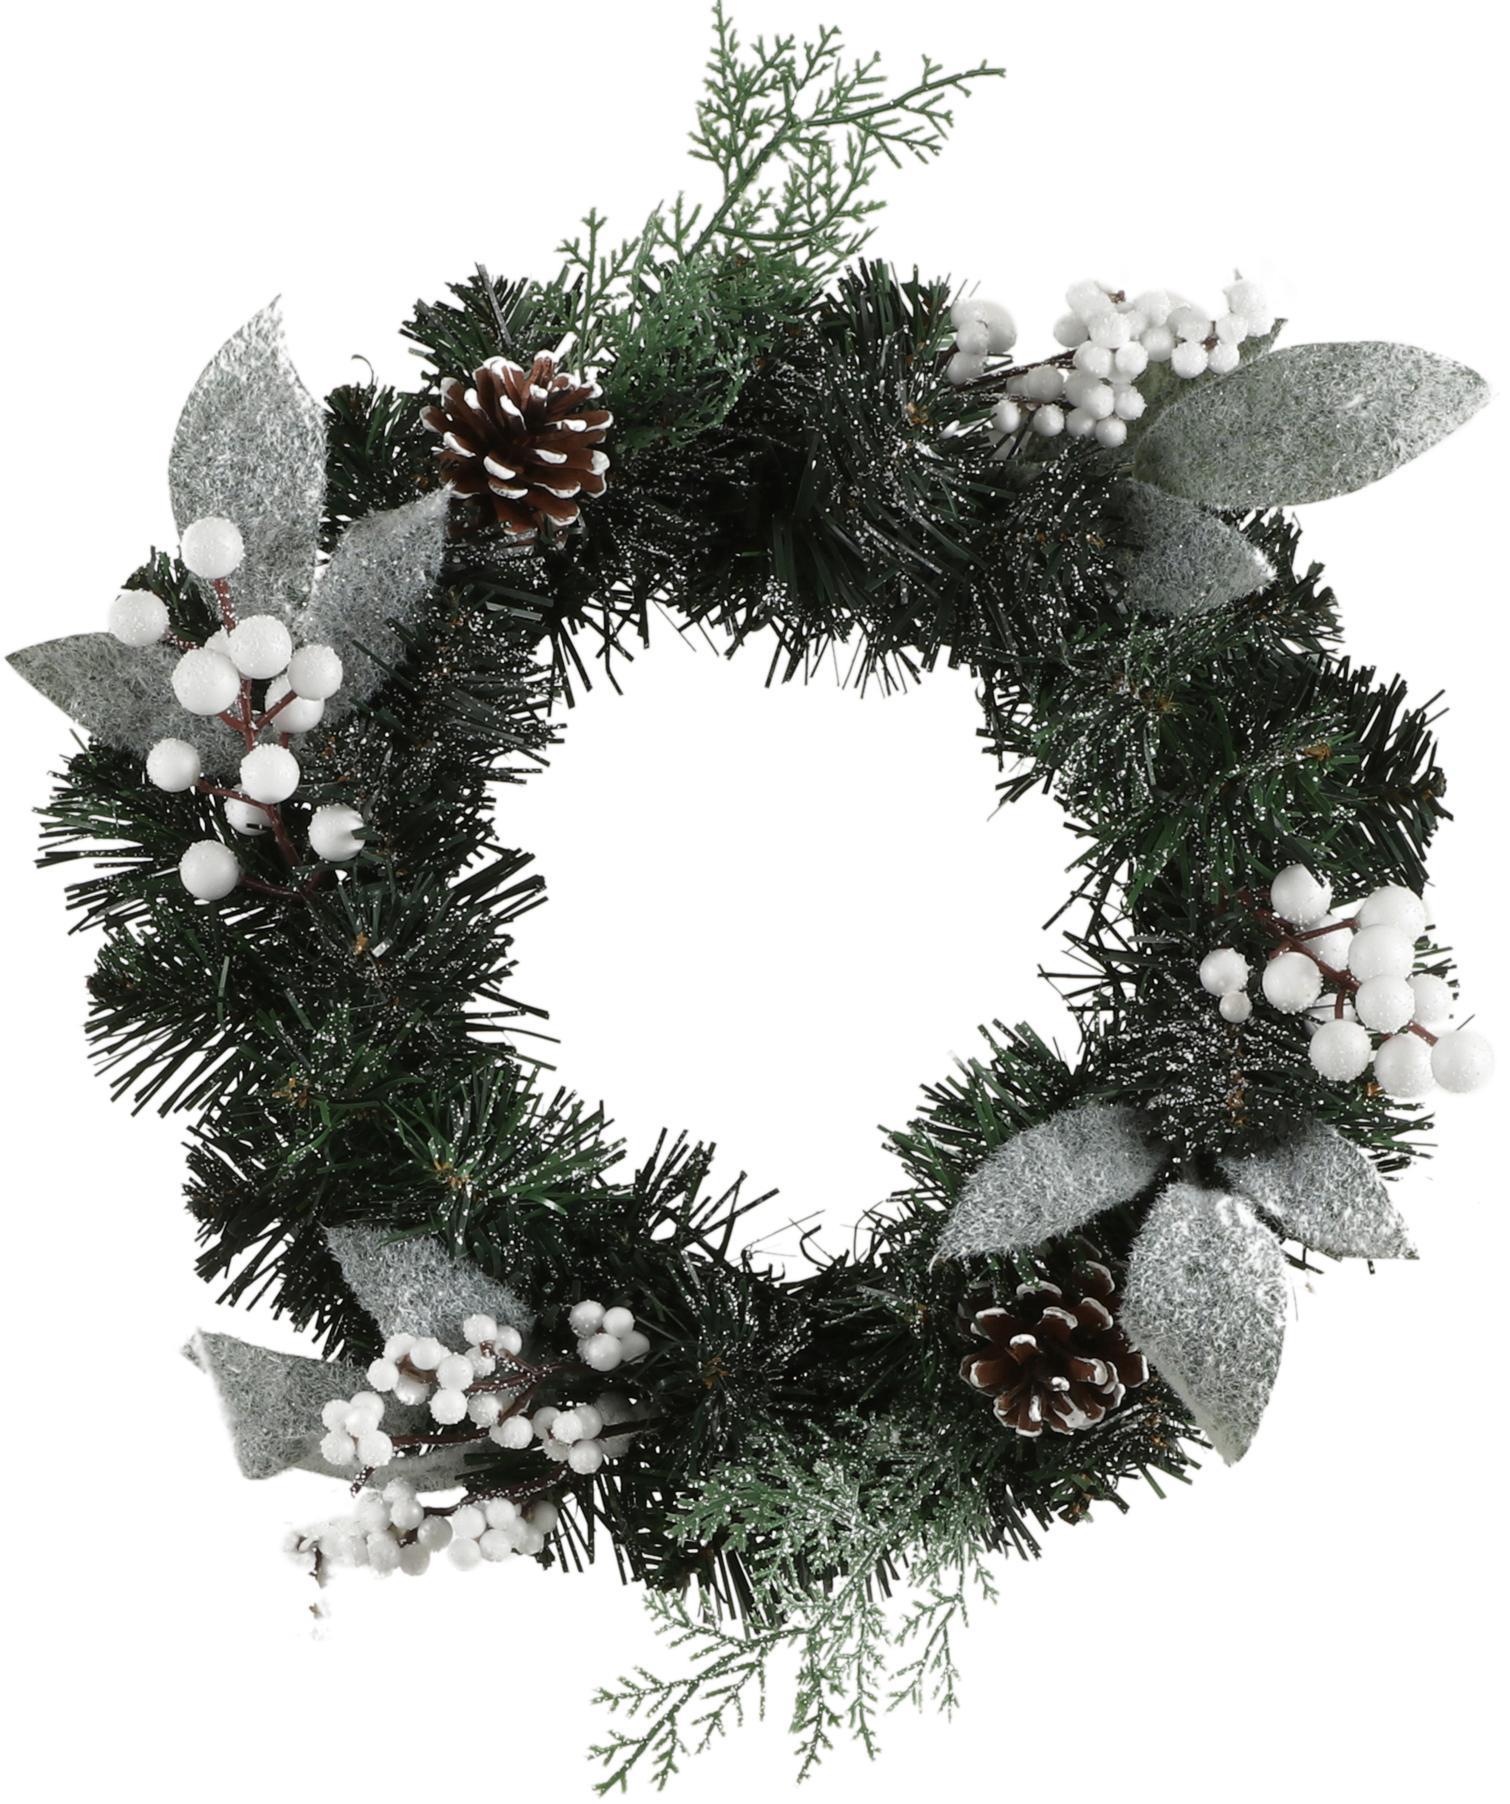 Decoratieve kerstkrans Hailey, Kunststof, Groen, wit, zilverkleurig, Ø 30 cm